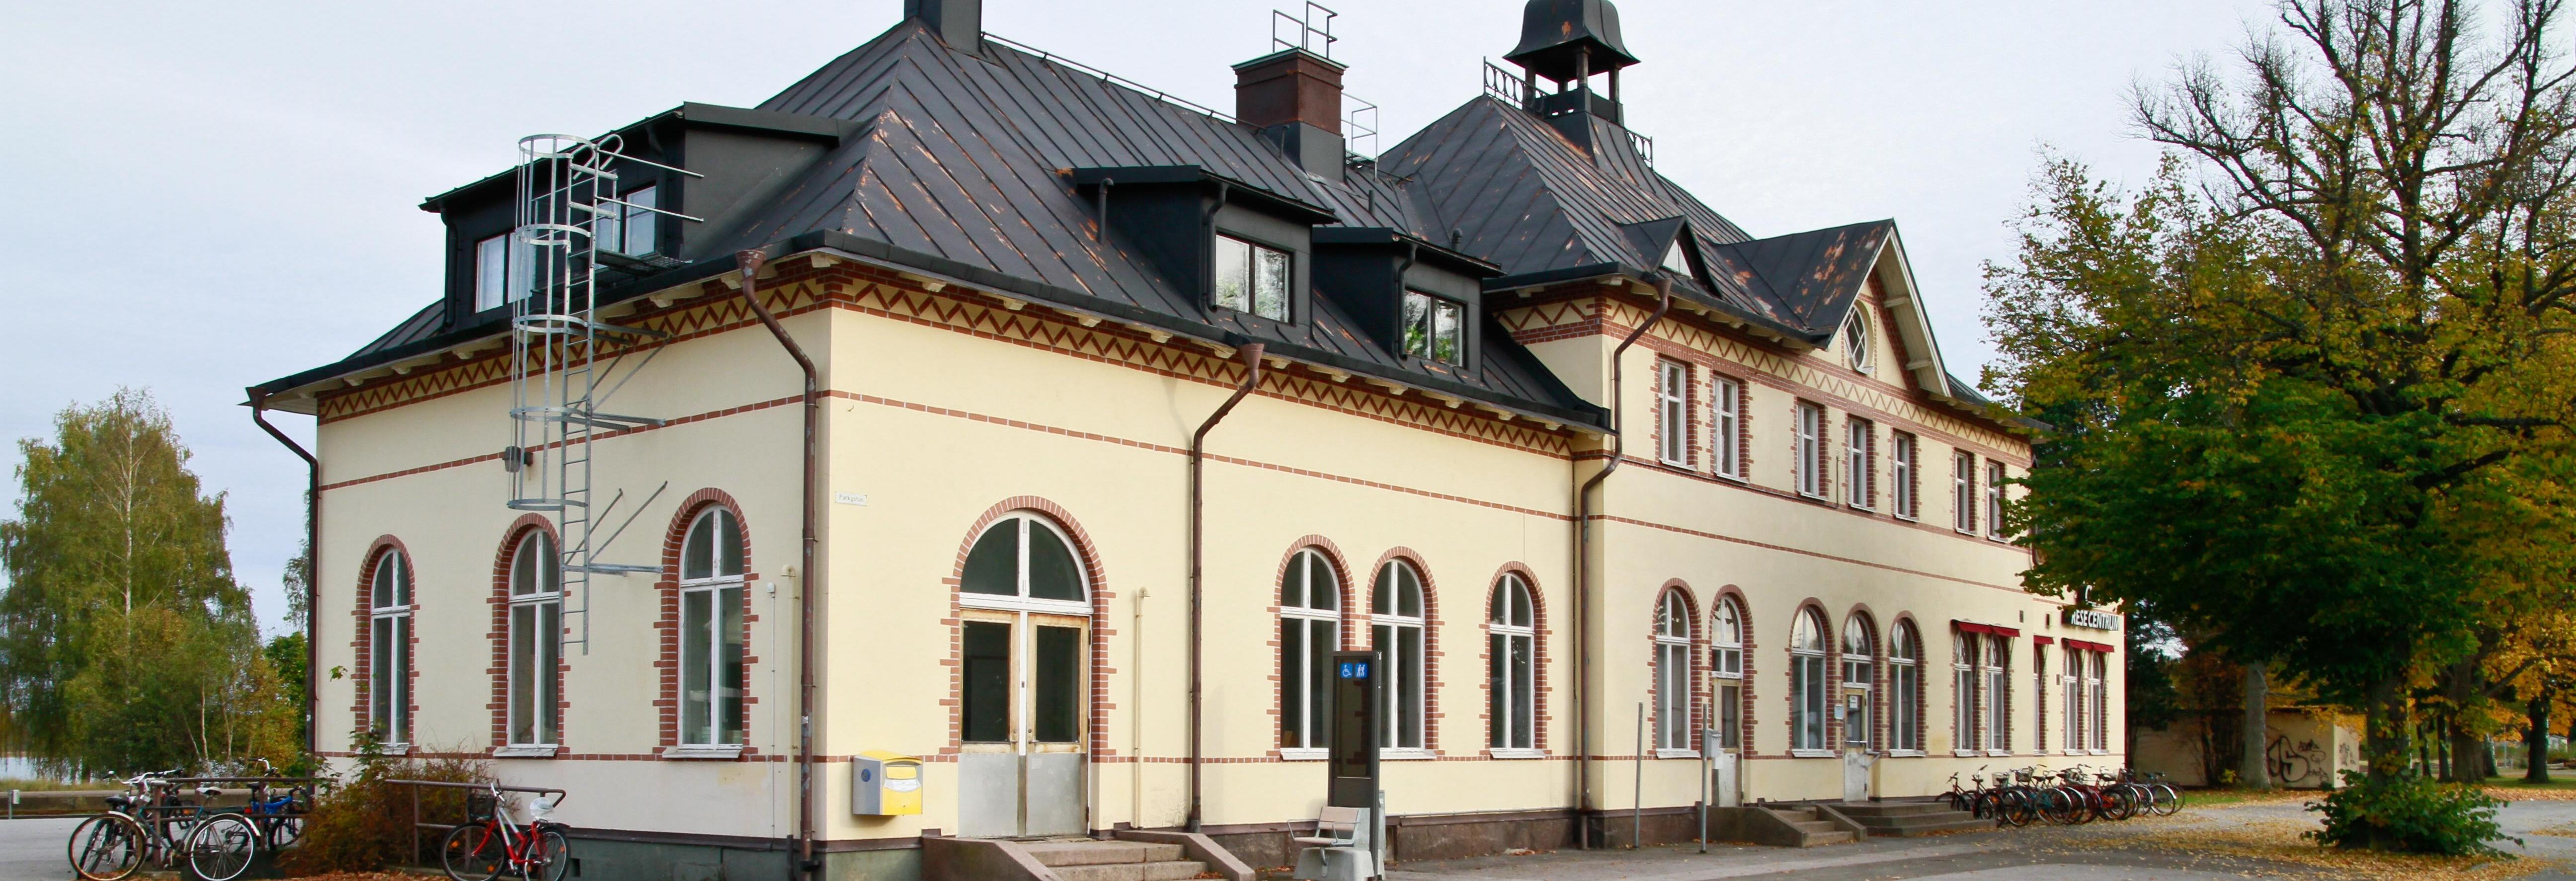 hyresfastighet till salu stockholm